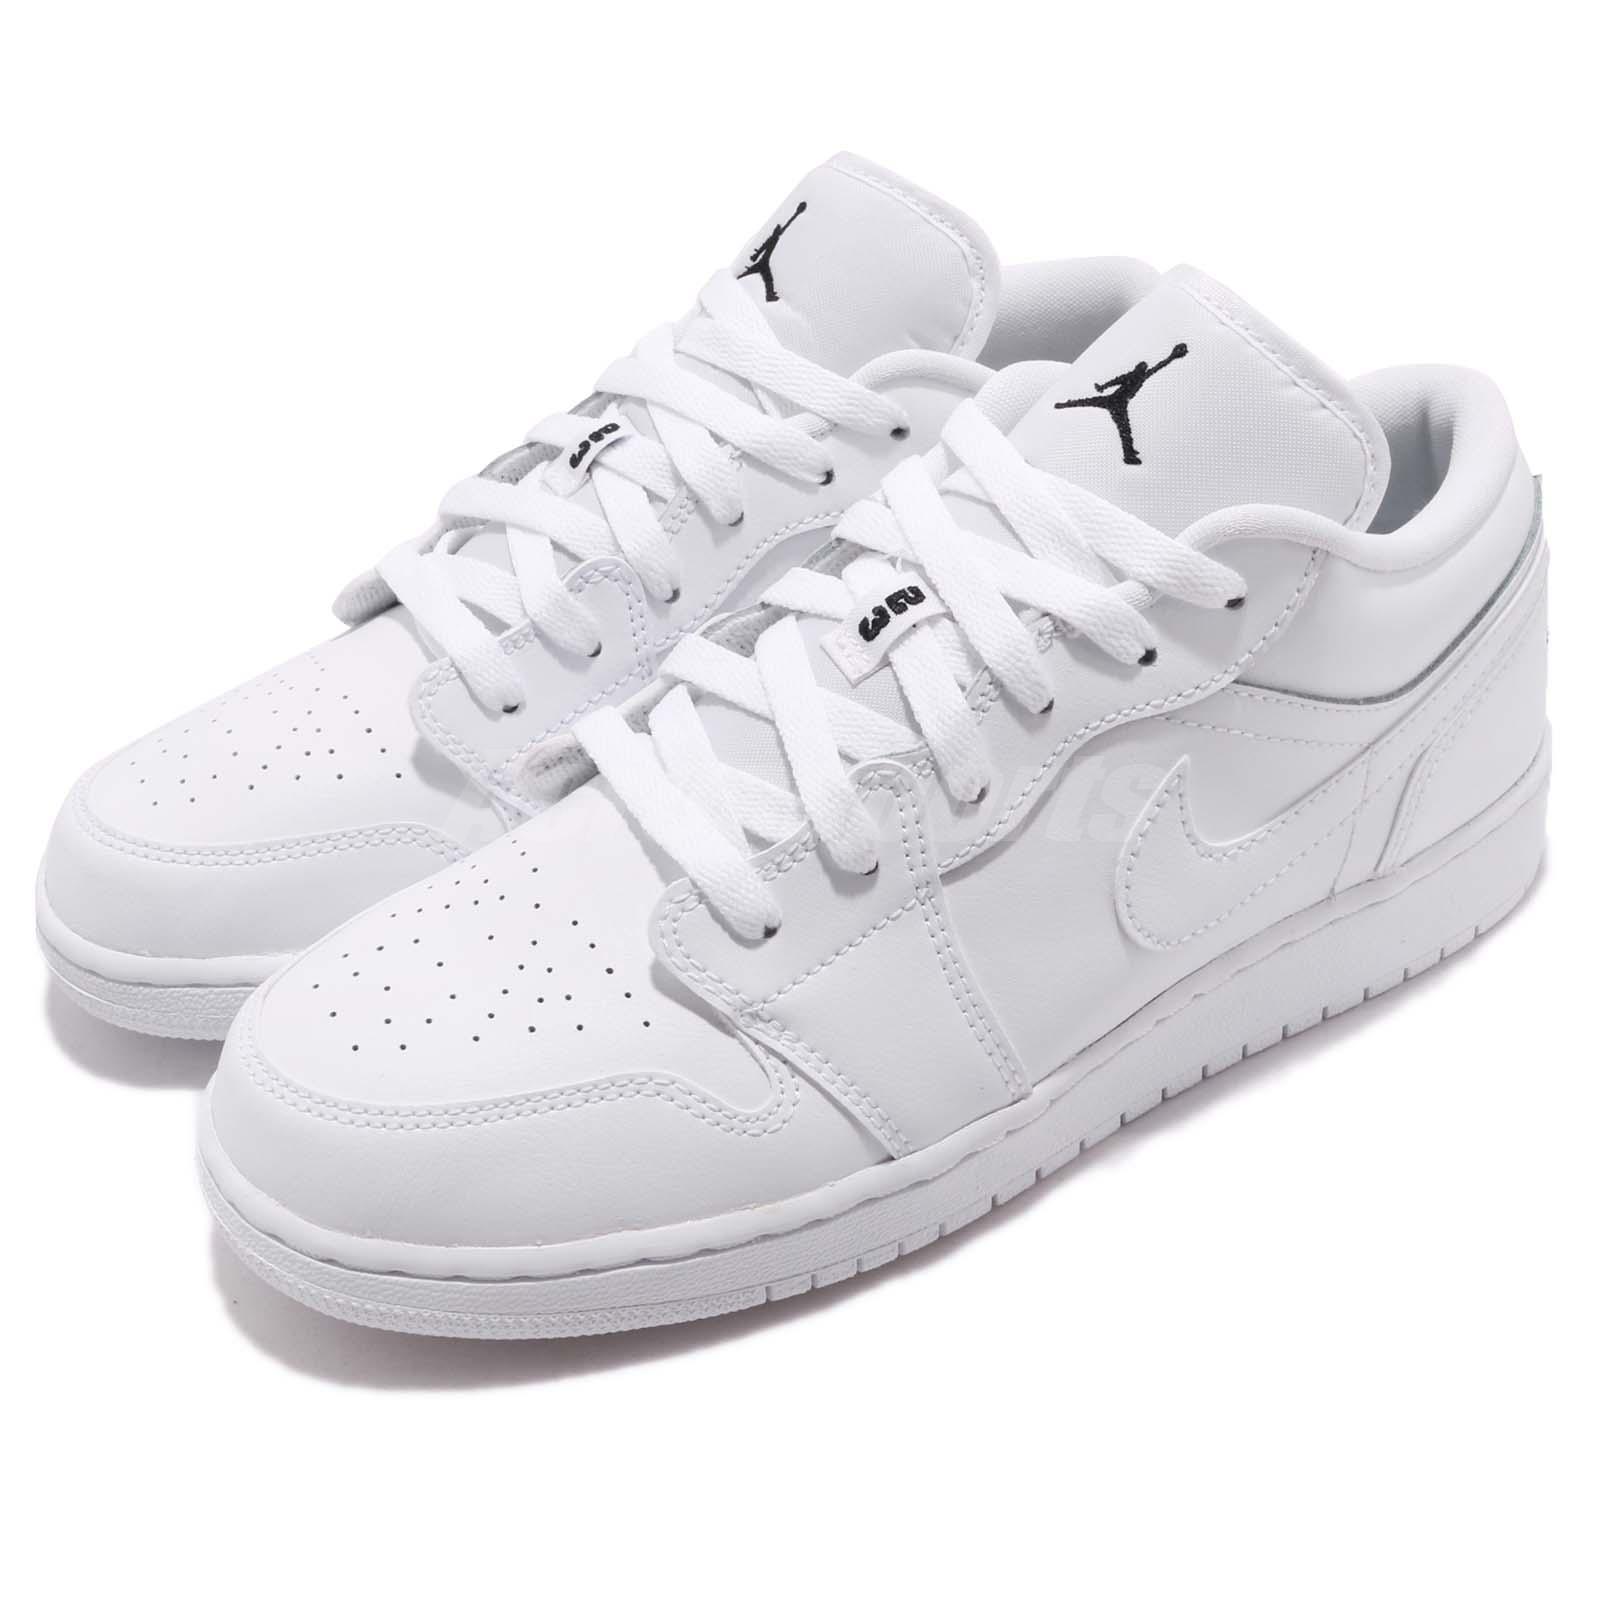 reputable site 3a4ee 1ced1 Подробные сведения о Nike Air Jordan 1 Low Gs I AJ1 белый черный парень  женские баскетбольные кроссовки 553560-101- показать заголовок оригинала